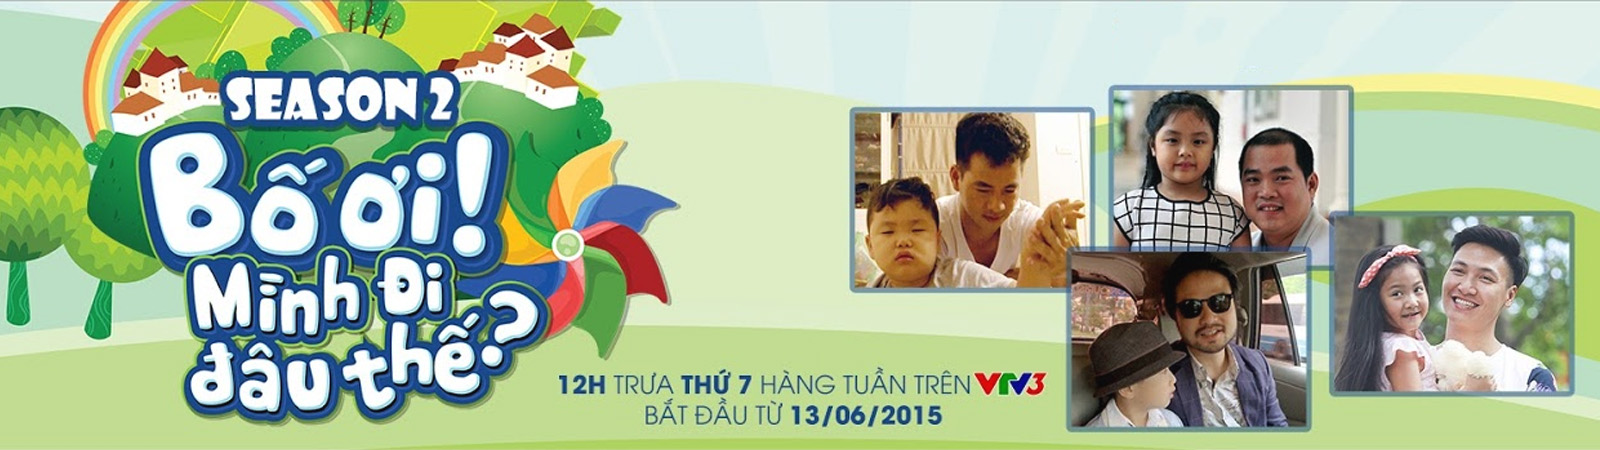 Bố Ơi, Mình Đi Đâu Thế - Việt Nam